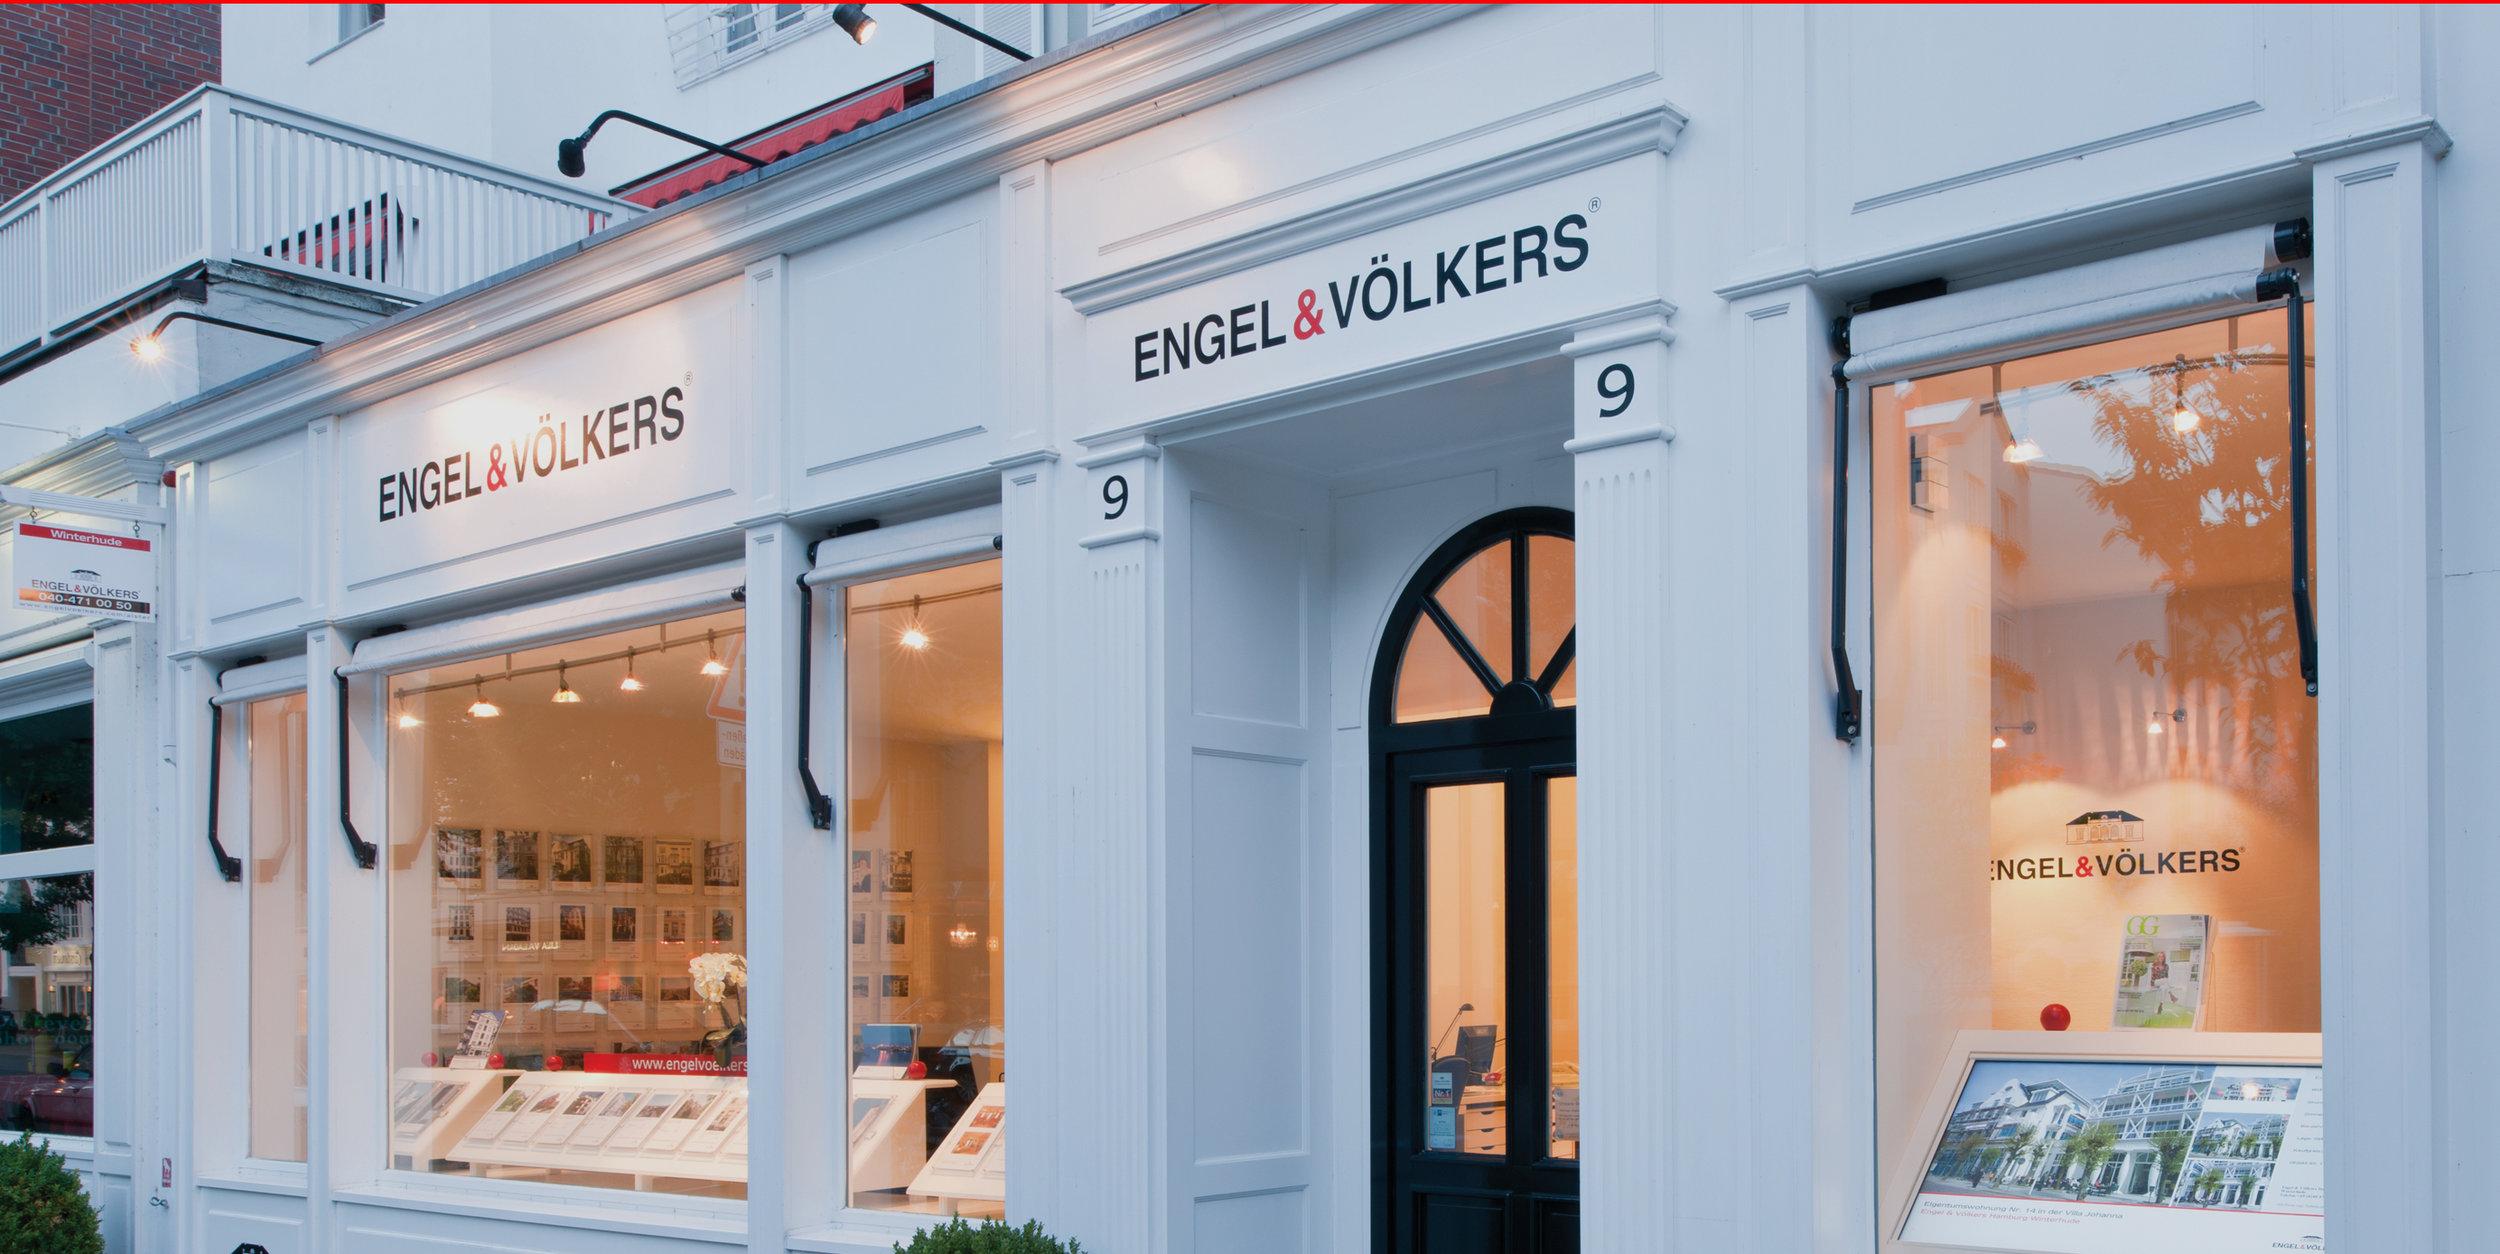 We are Engel & Völkers -